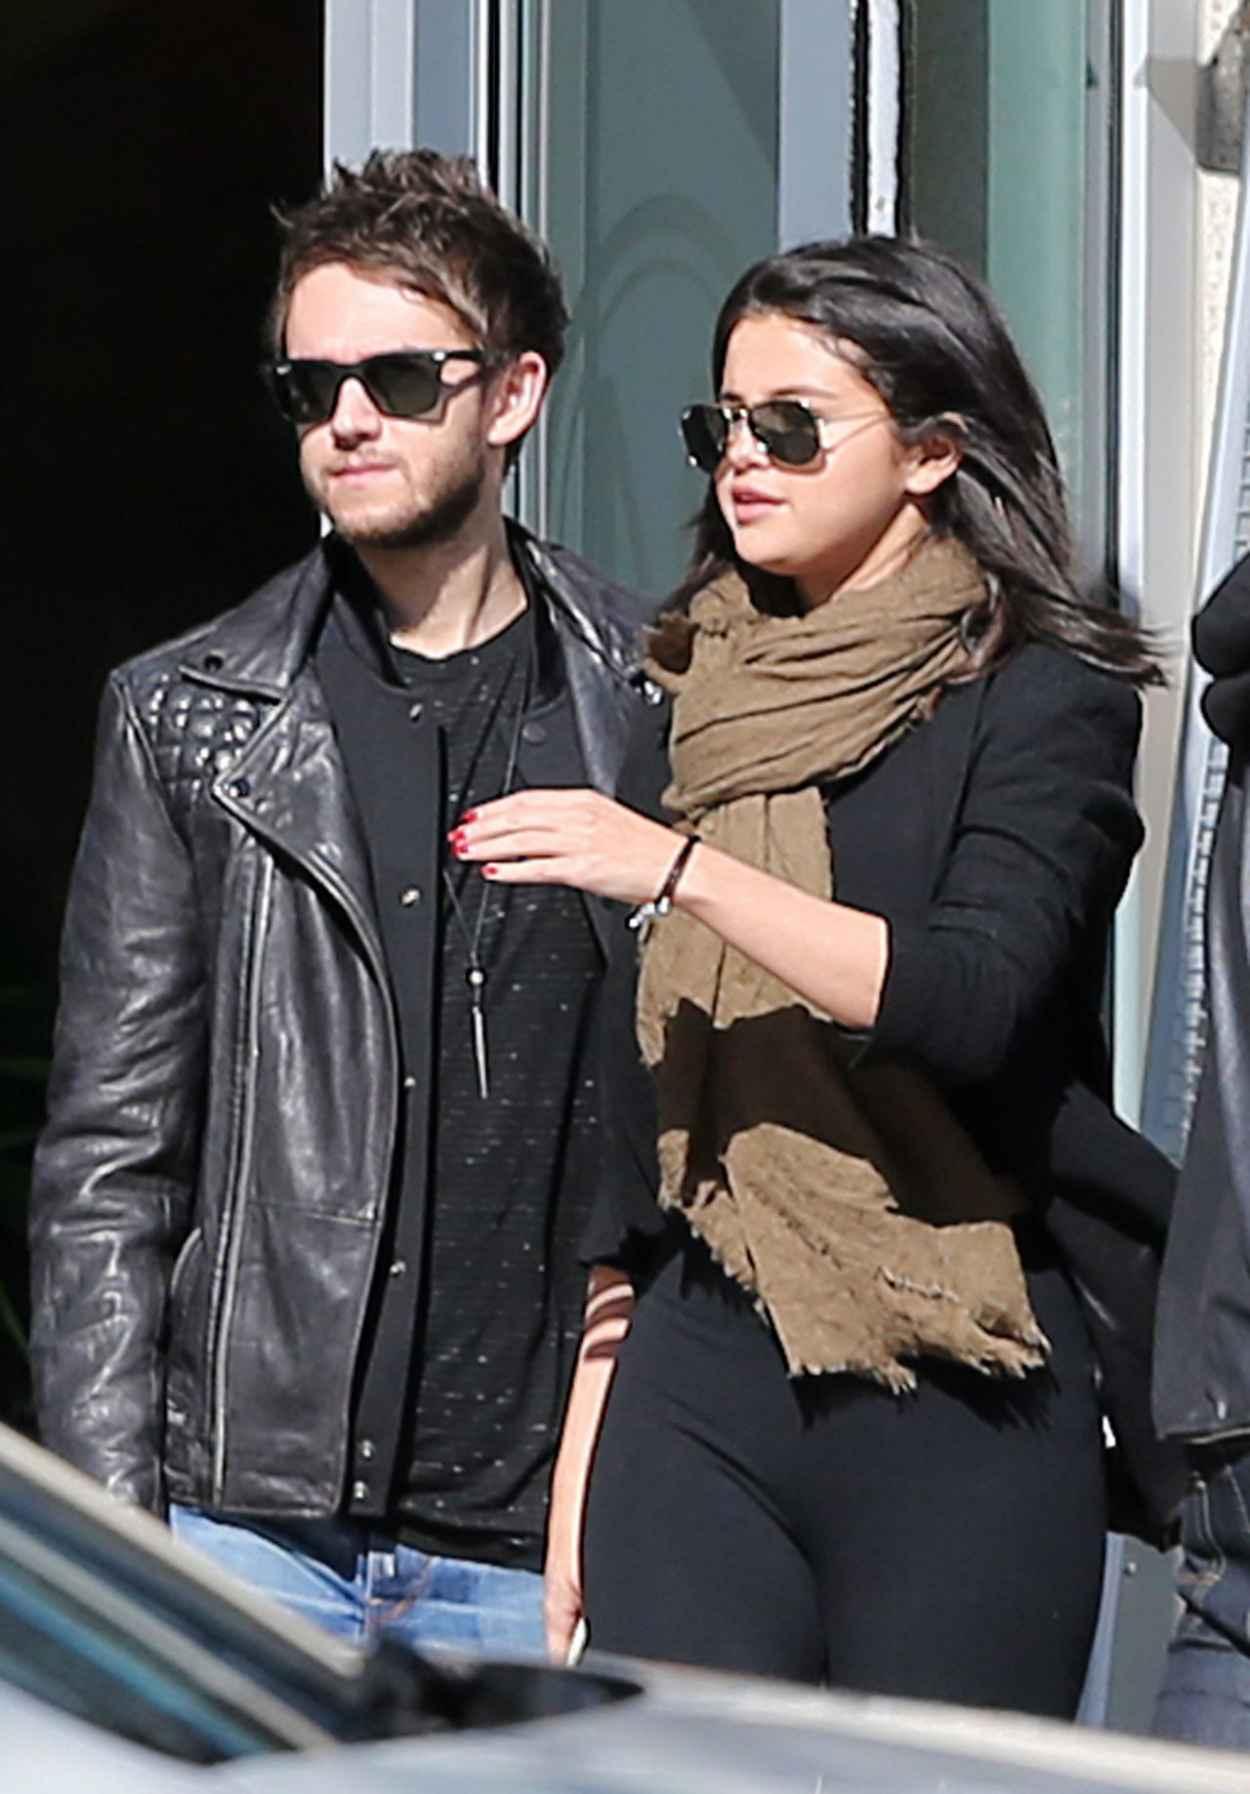 Selena Gomez With Her New Boyfriend DJ Zedd, Out in